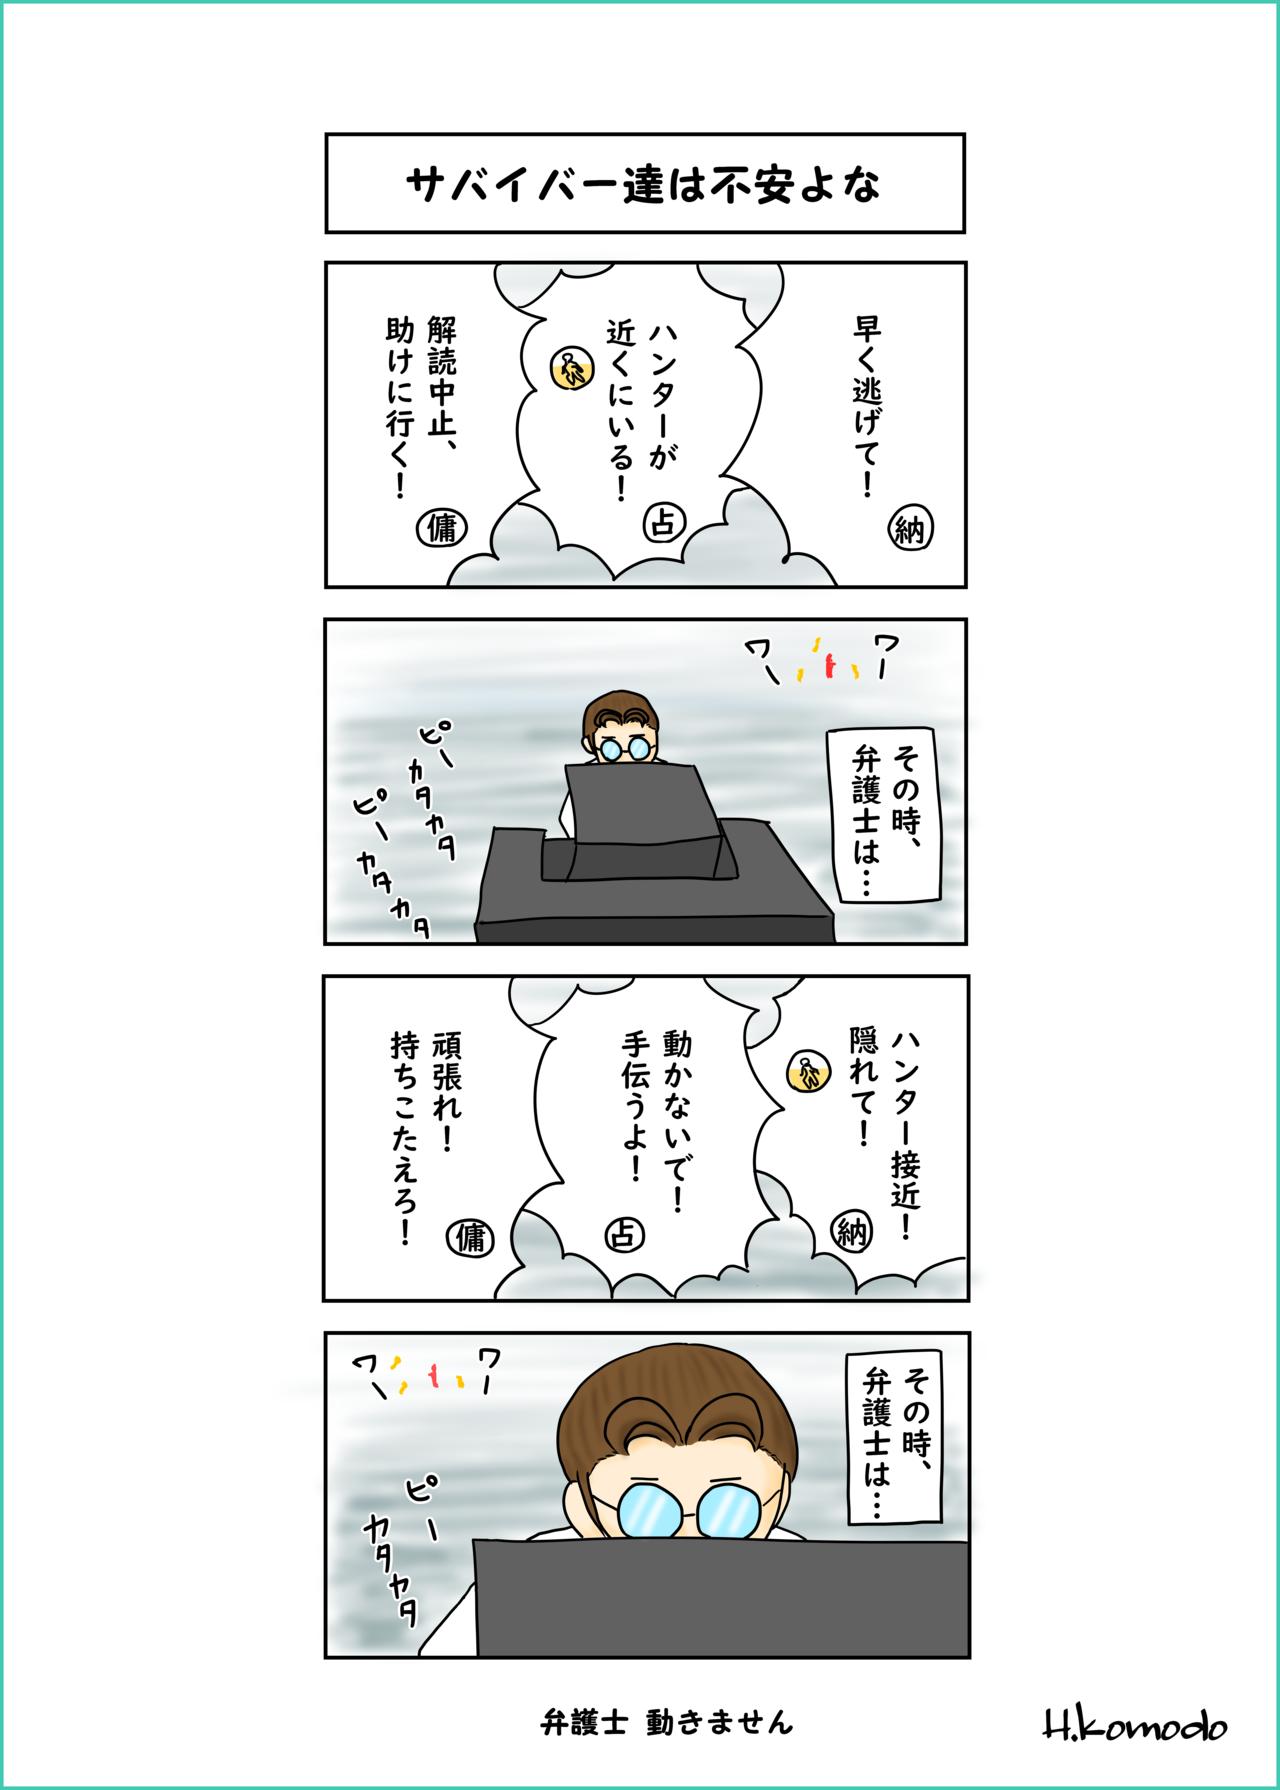 第五人格 マップ 覚え方